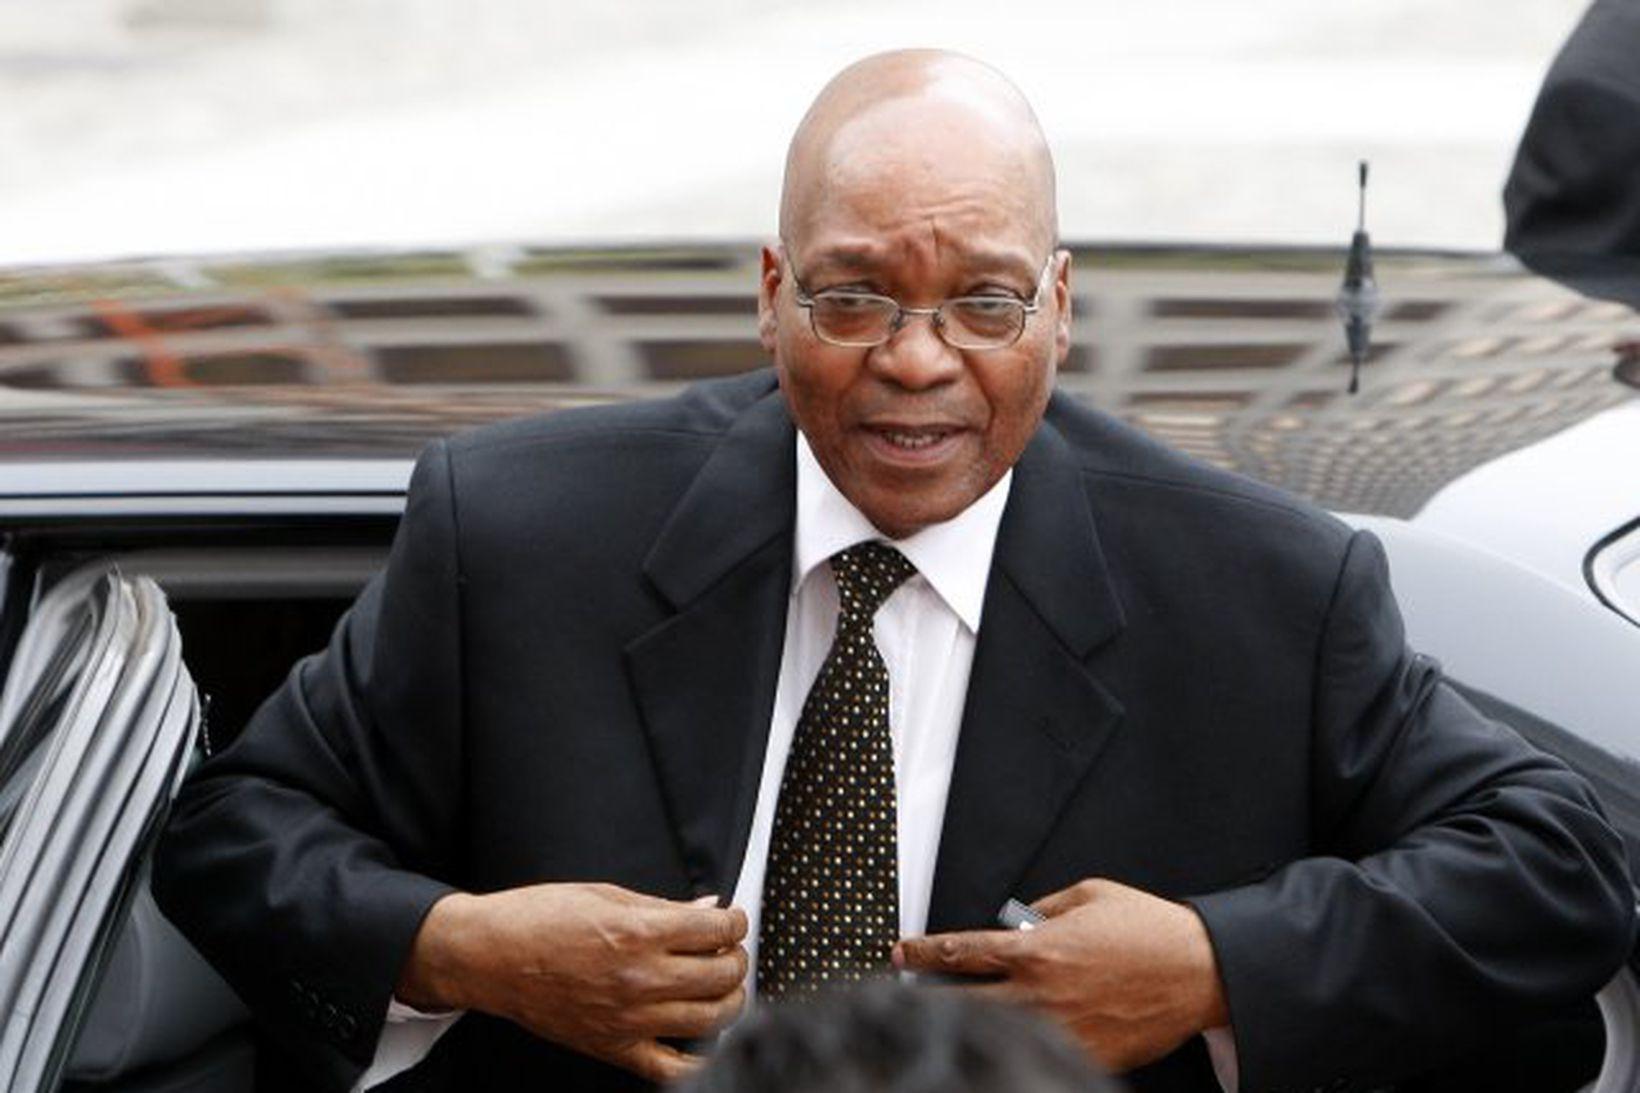 Jacob Zuma mun taka formlega við forsetaembættinu á laugardag.